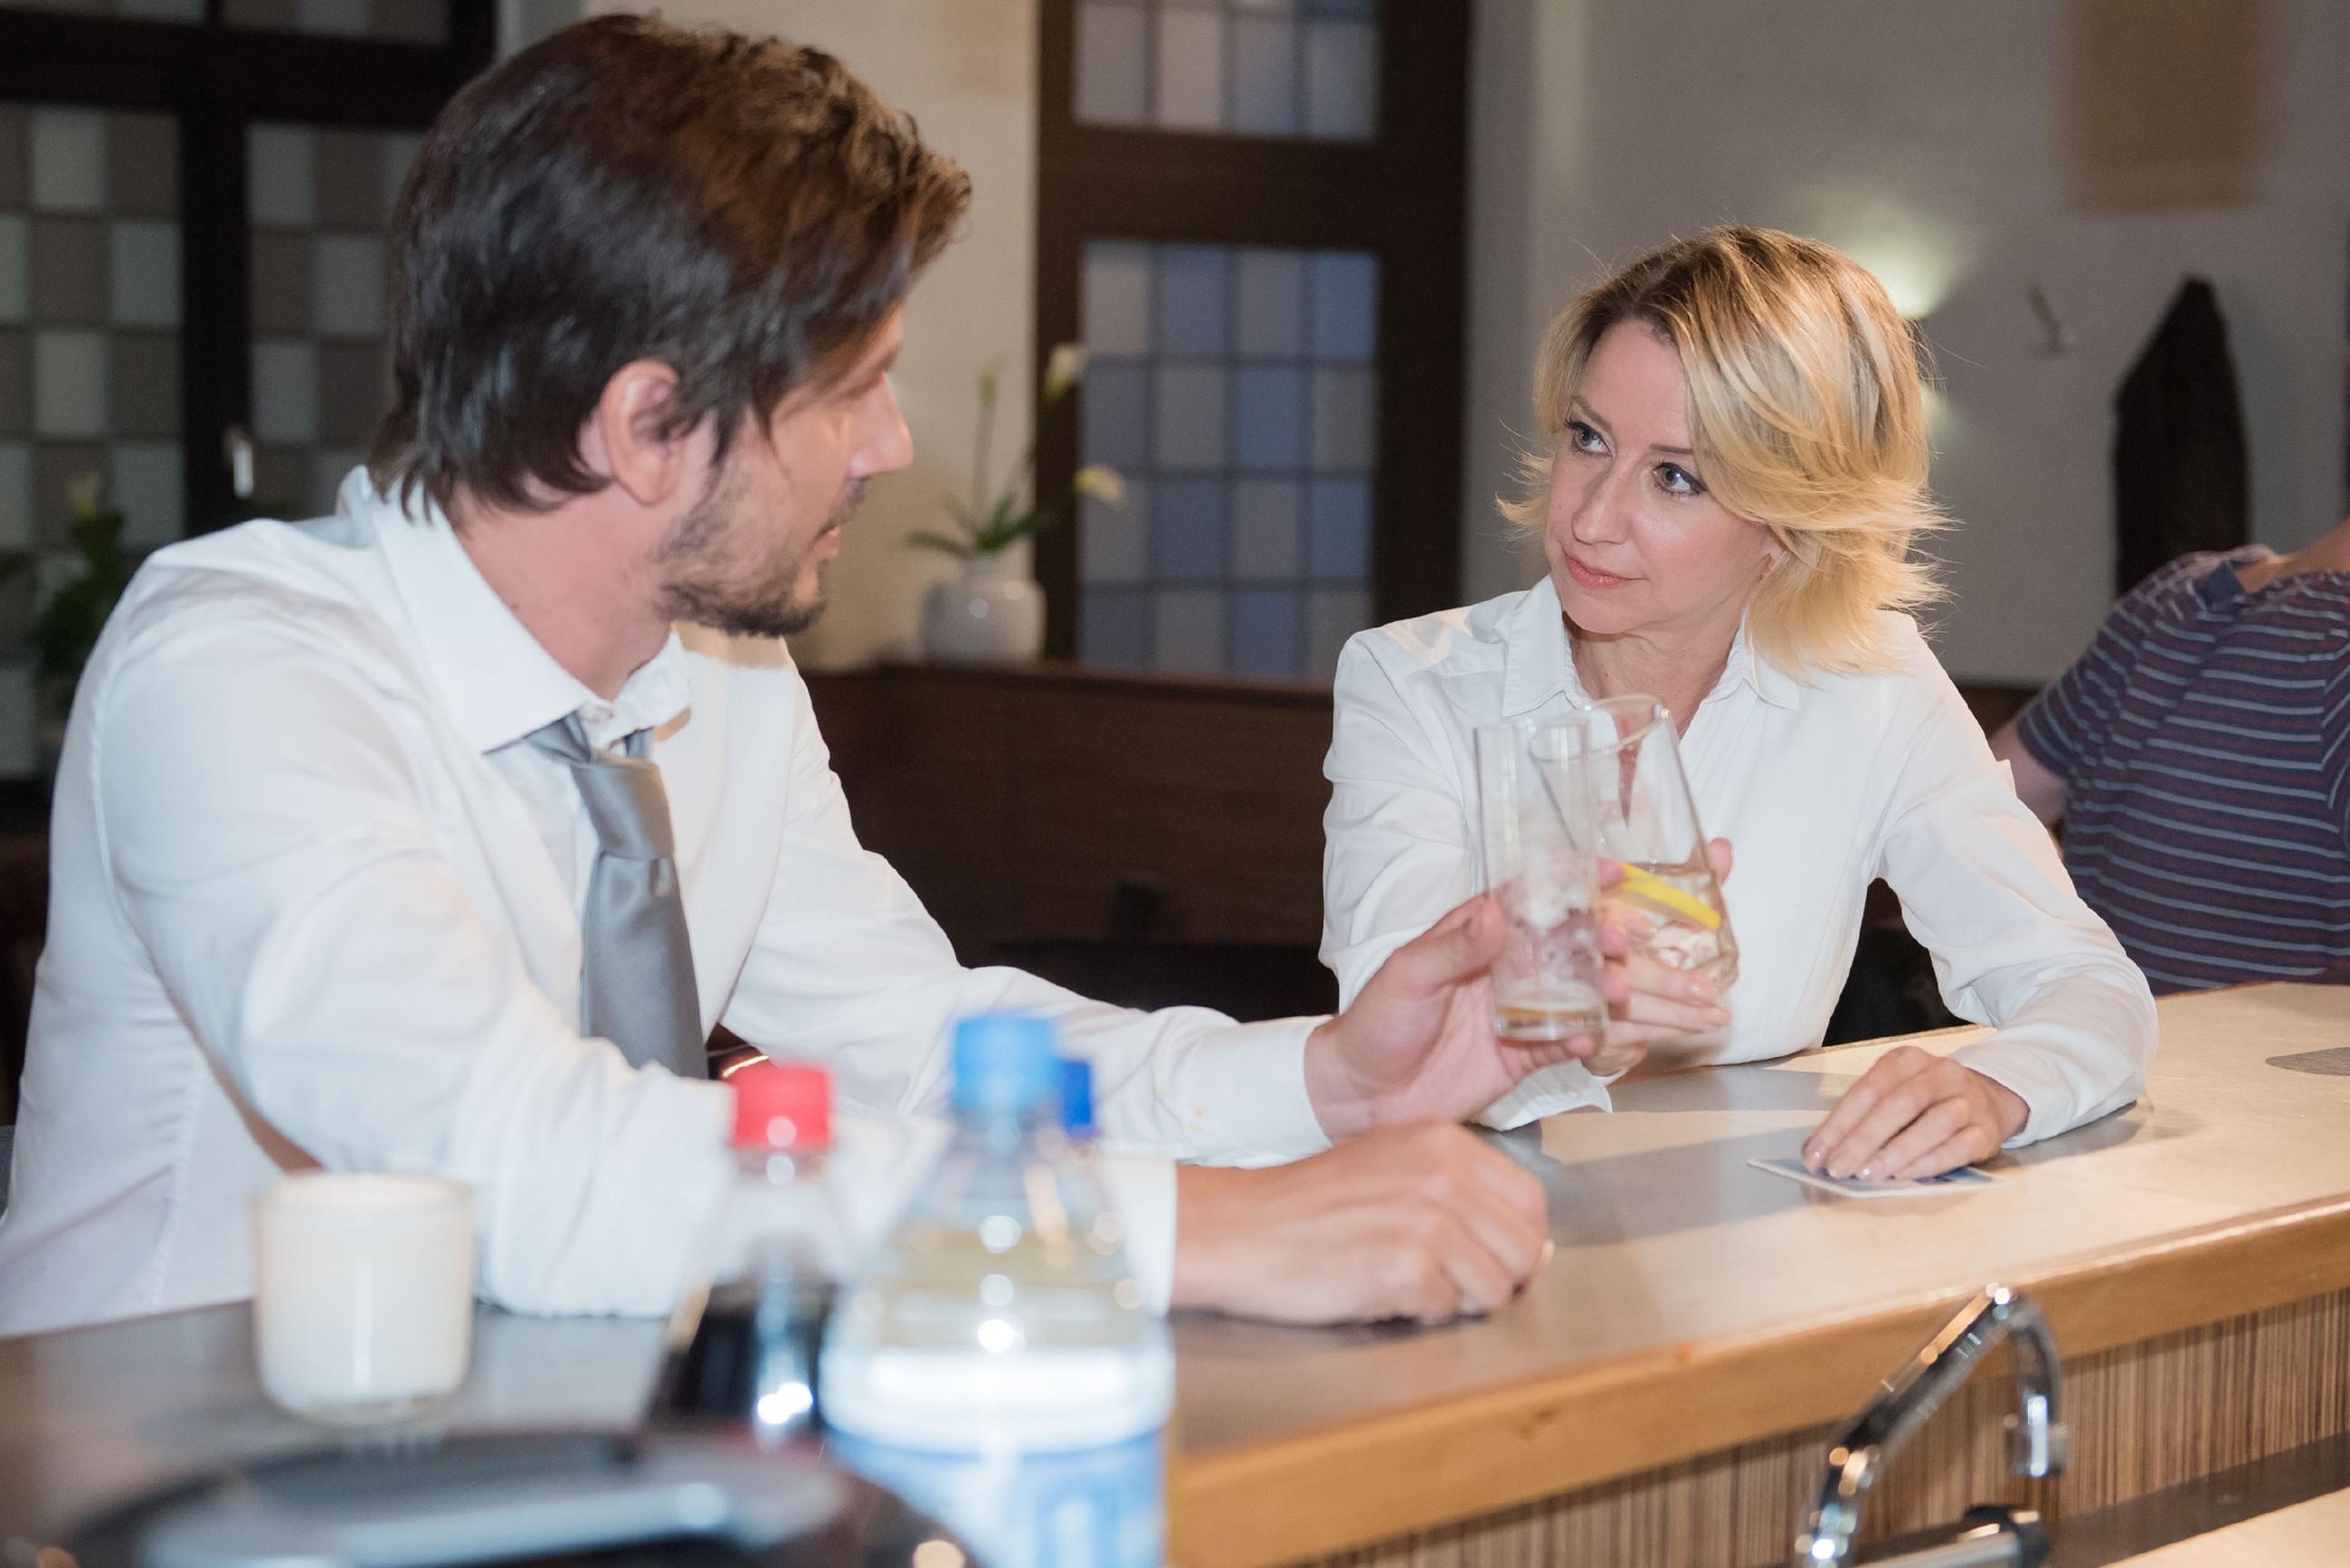 Ute (Isabell Hertel) gefällt die Aufmerksamkeit von Harald (René Geisler) sehr und lässt sie sich auf einen Flirt mit ihm ein. (Quelle: RTL / Stefan Behrens)